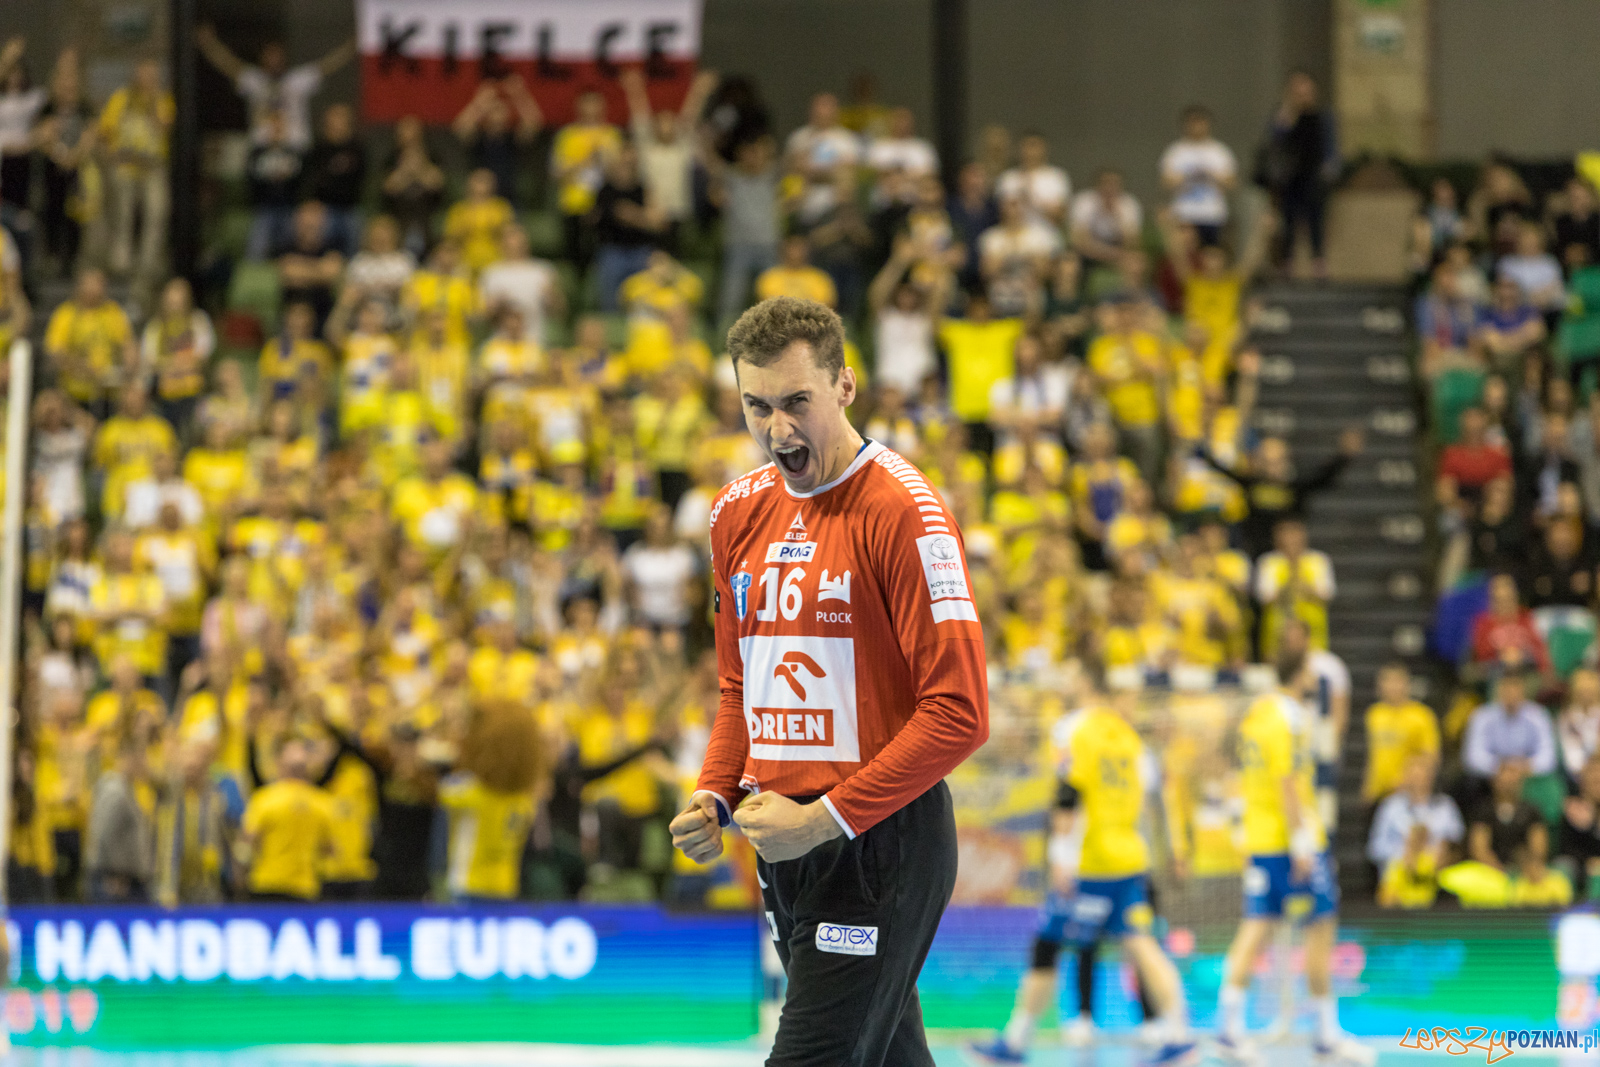 Finał Pucharu Polski - Orlen Wisła Płock - PGE Vive Kielce  Foto: lepszyPOZNAN.pl/Piotr Rychter